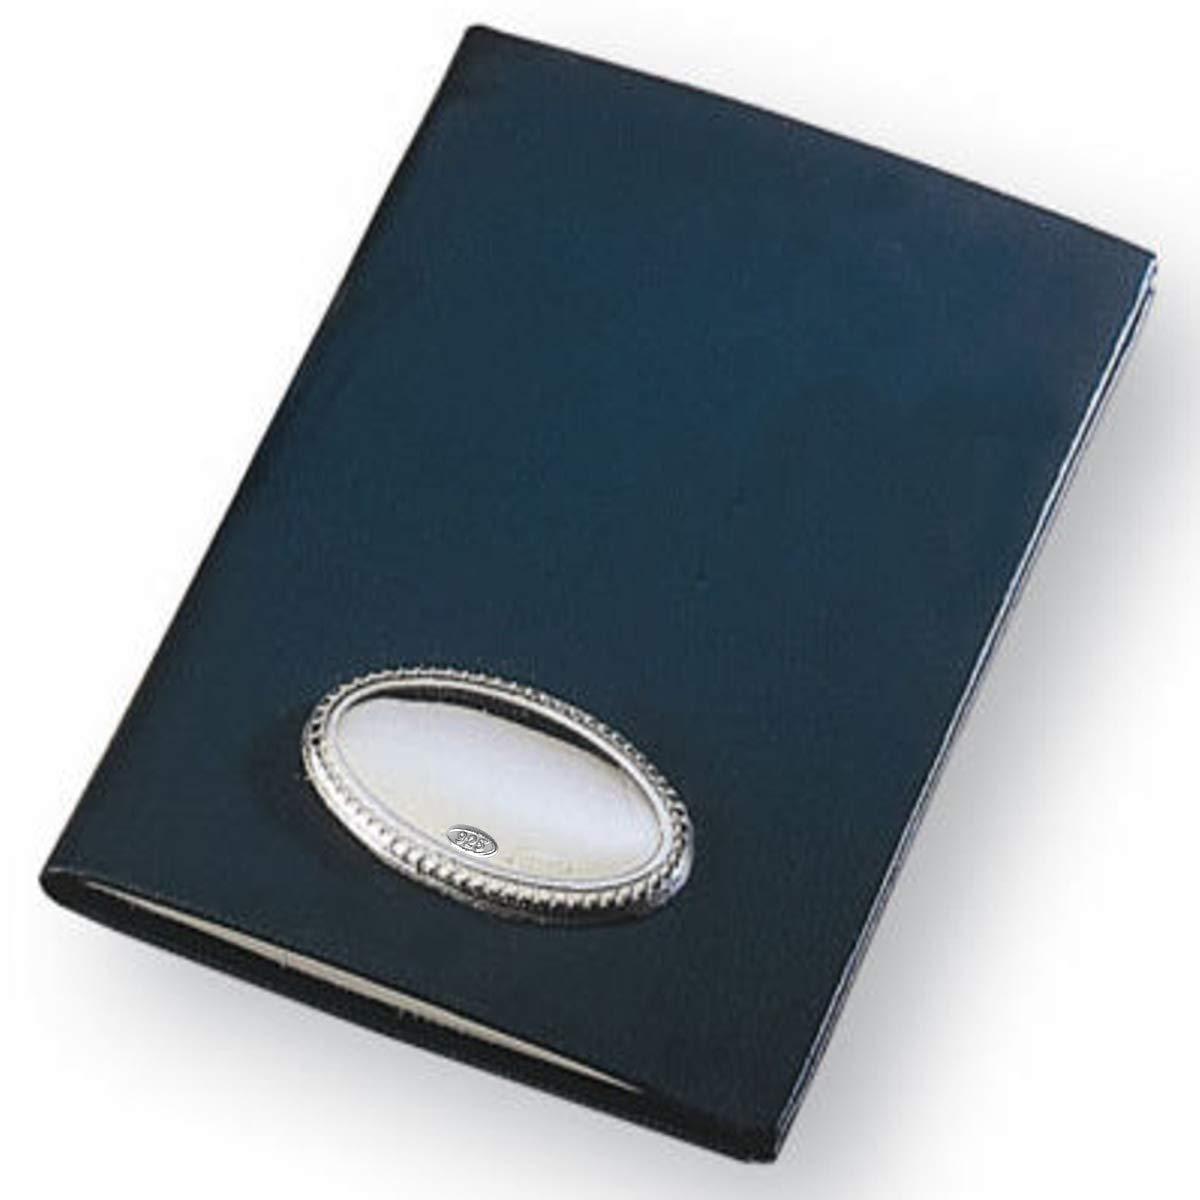 Silberkanne - Agenda de direcciones (11 x 7 cm, con medallón ...